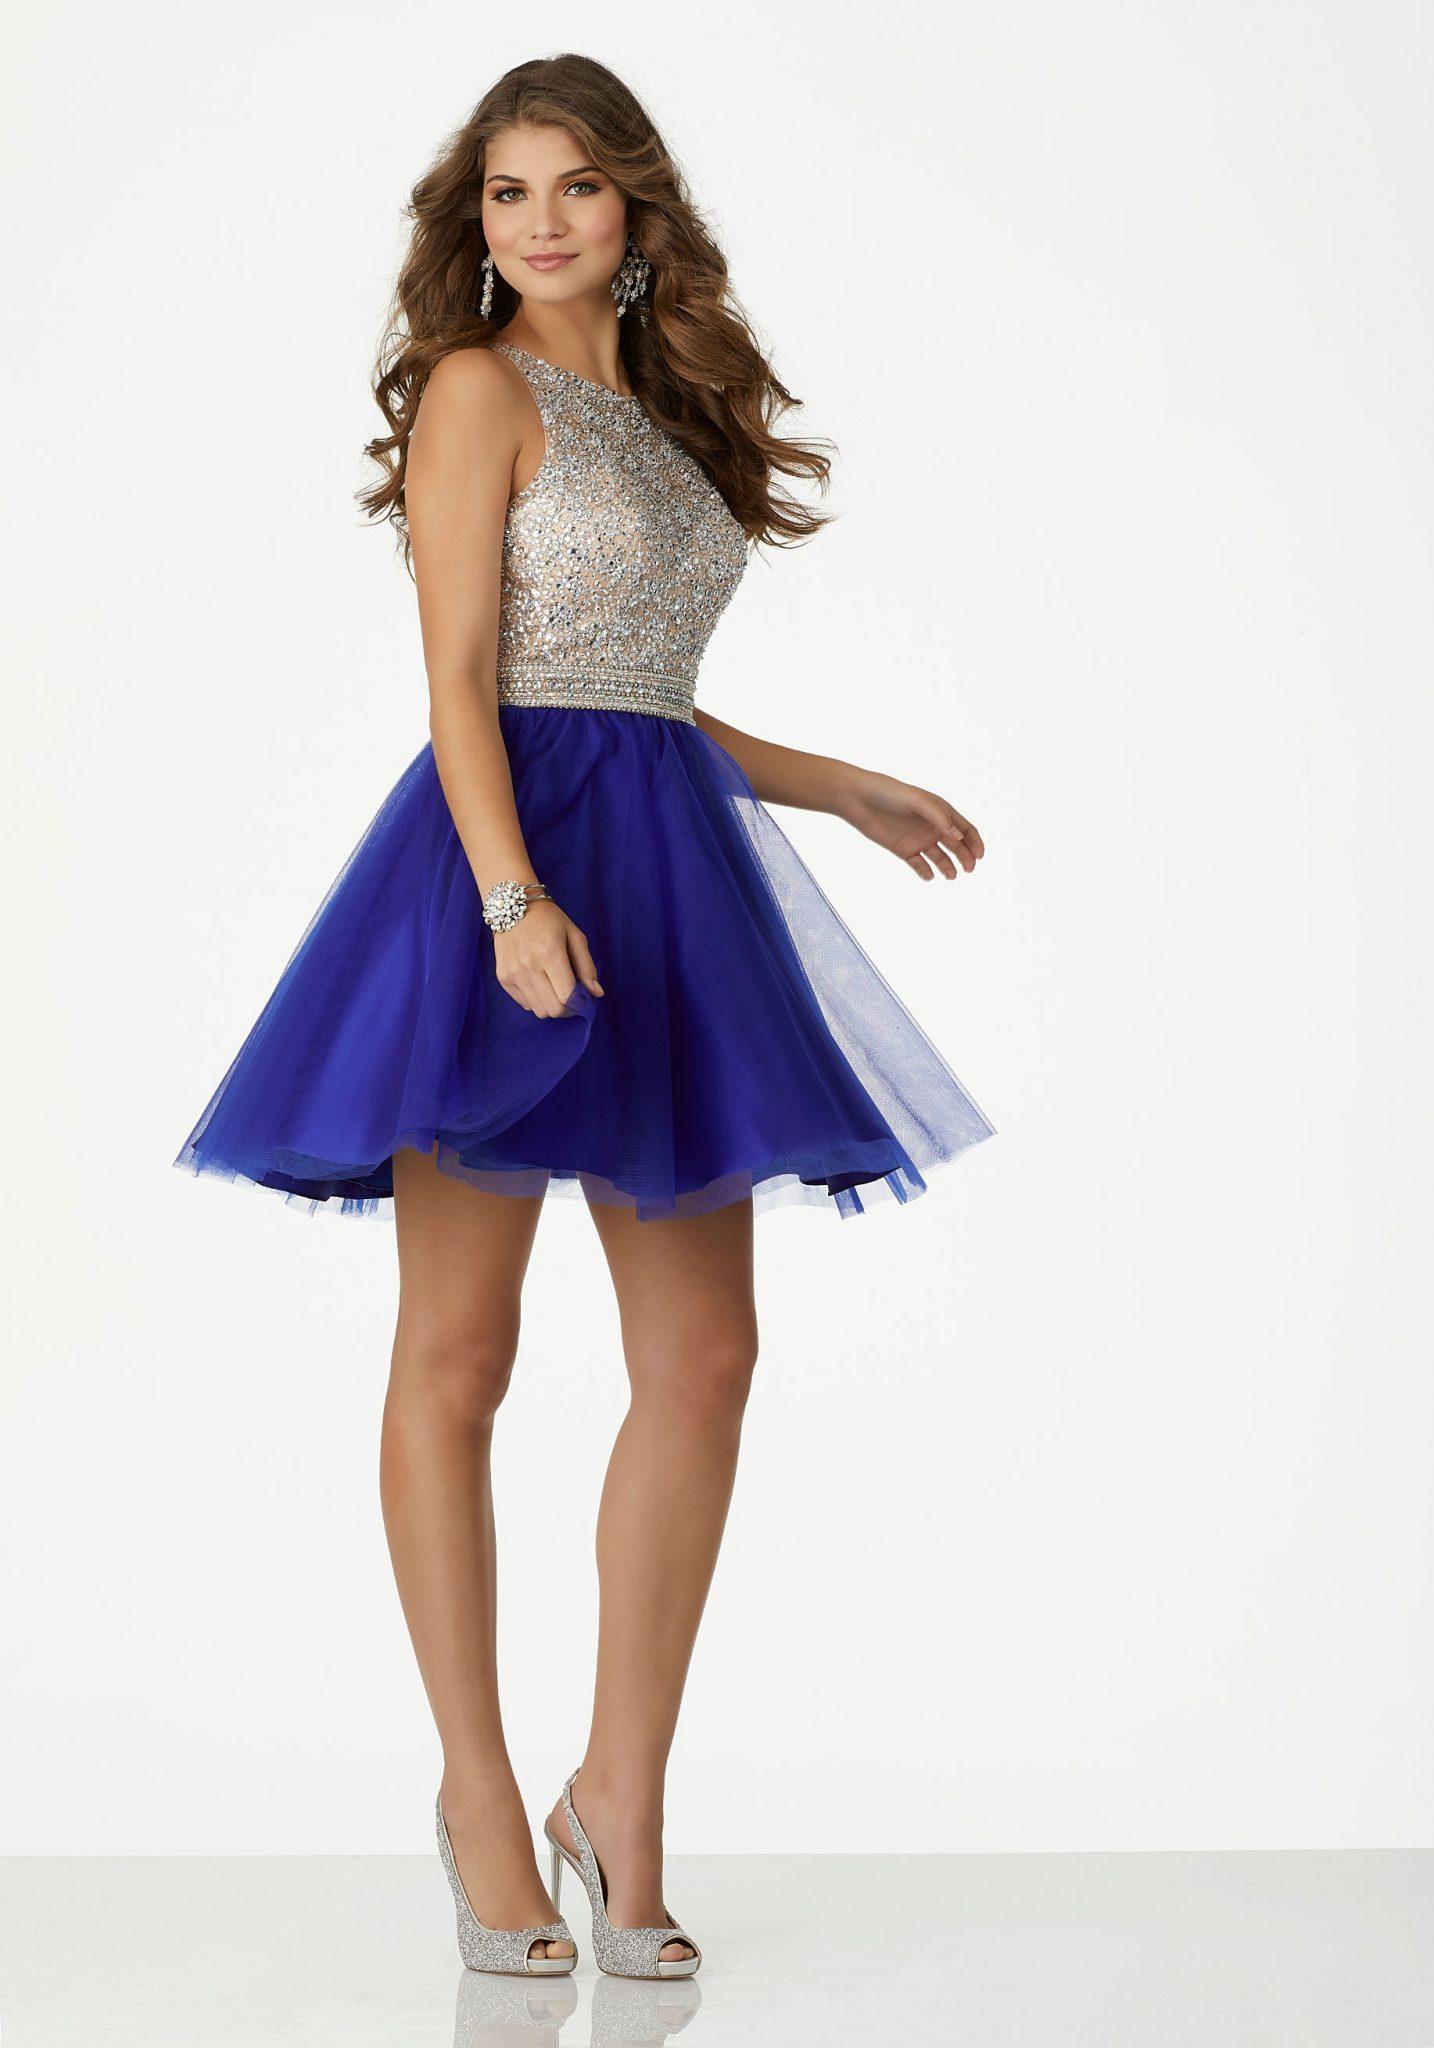 2020 Abiye Elbise Kısa Abiye Modelleri Saks Mavi Halter Yaka Tül Etekli Parlak Boncuk İşlemeli